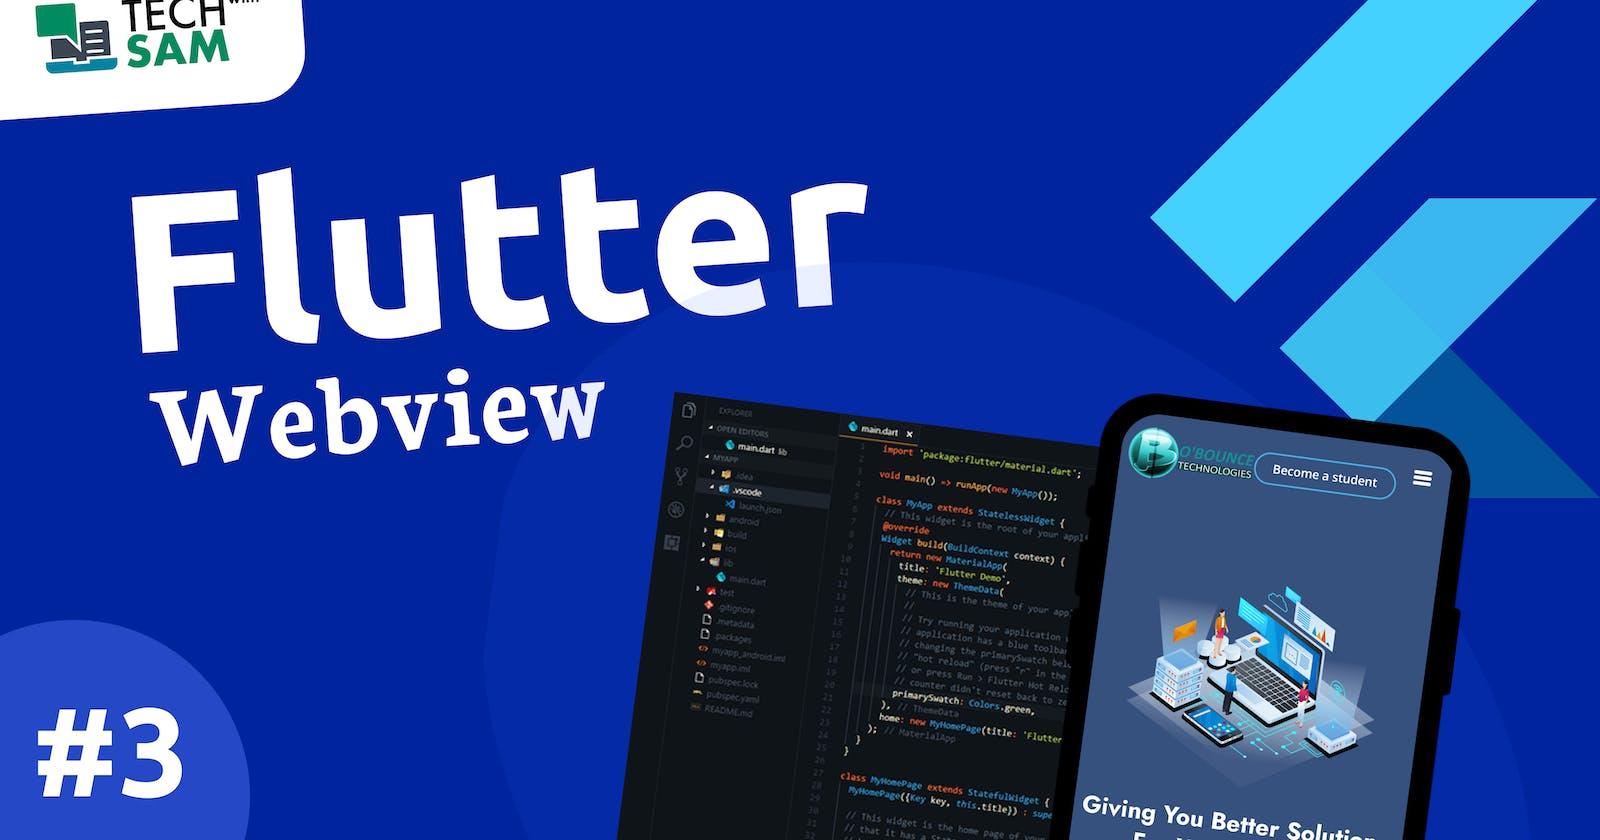 FLUTTER WEBVIEW TUTORIAL #3 - Convert a website to an app using flutter.